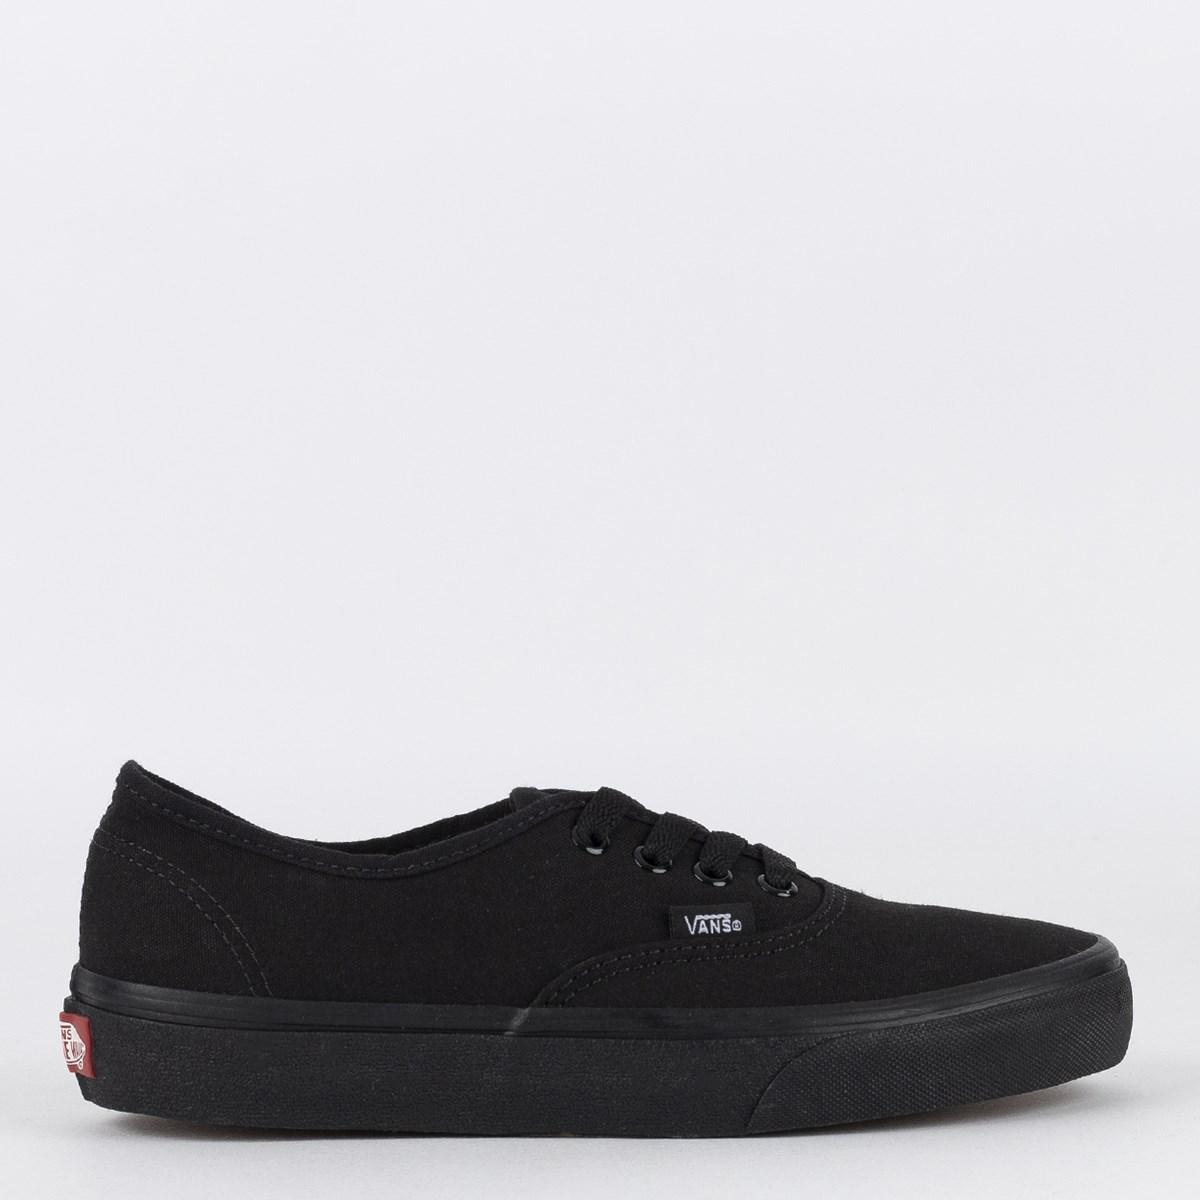 Tênis Vans Authentic Black Black VN - 0EE3BKA